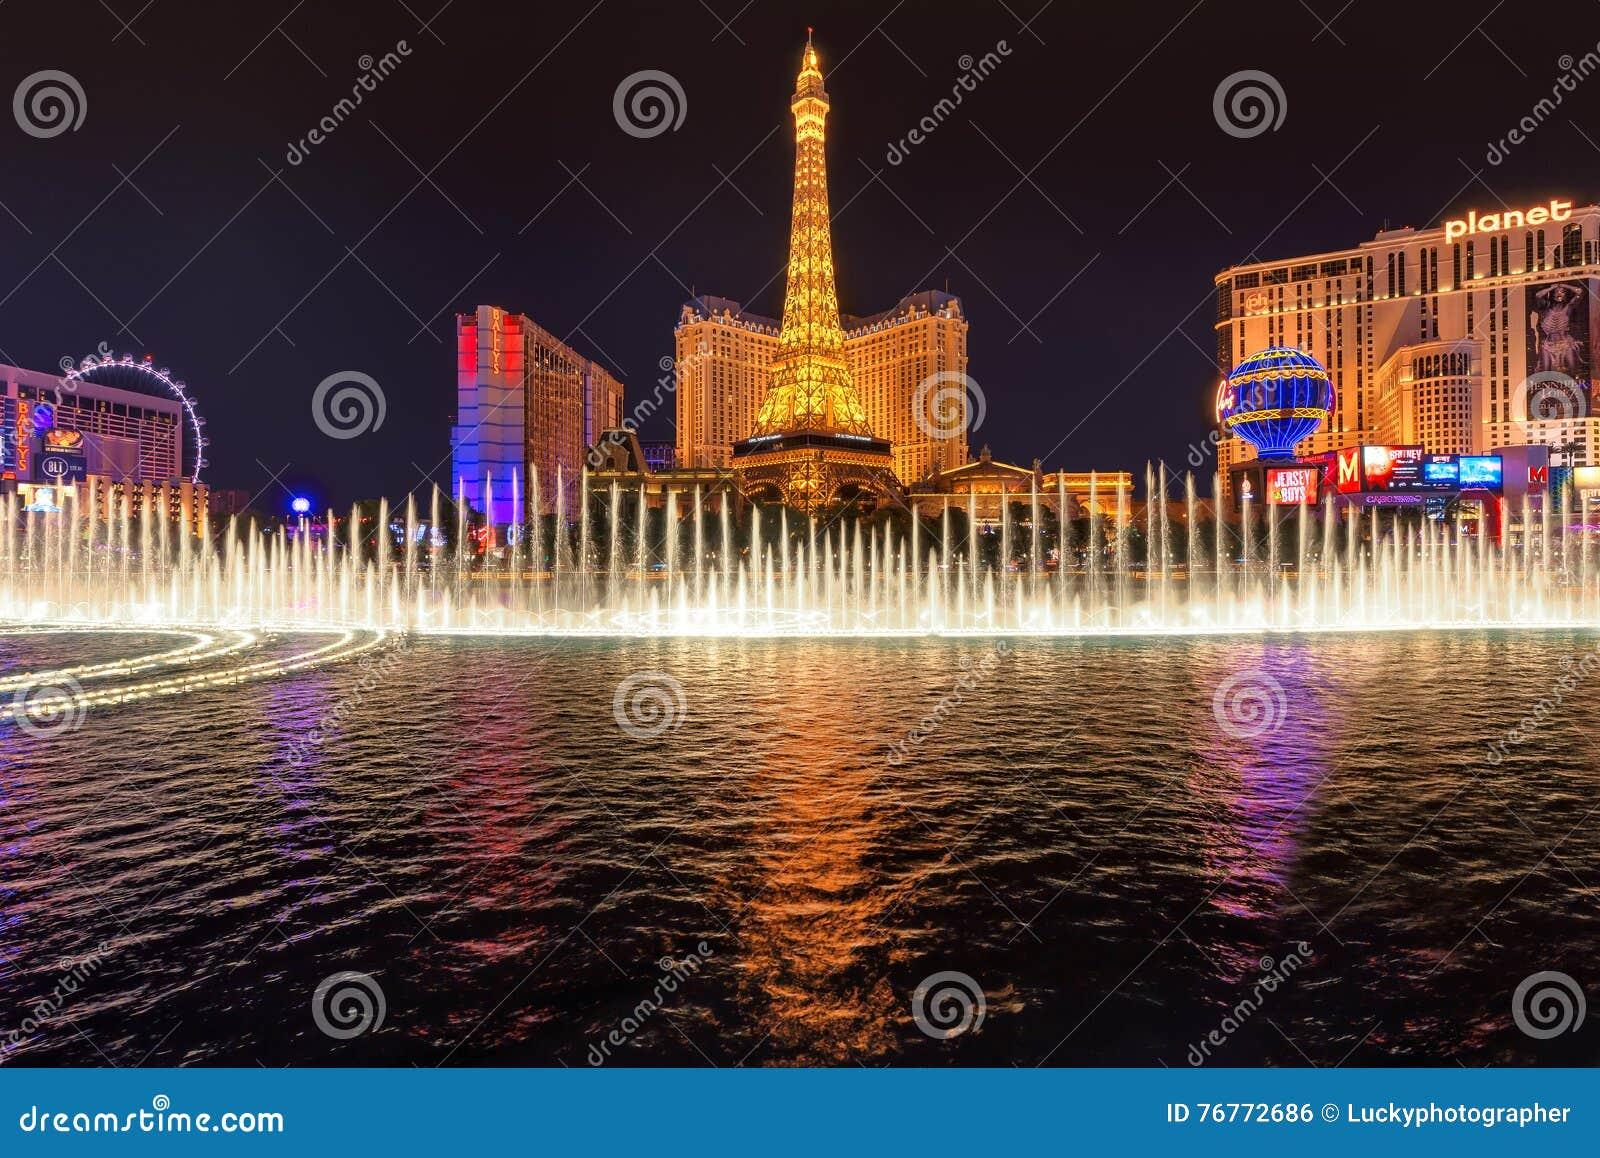 Bellagio fountain show at Paris hotel and casino in Las Vegas